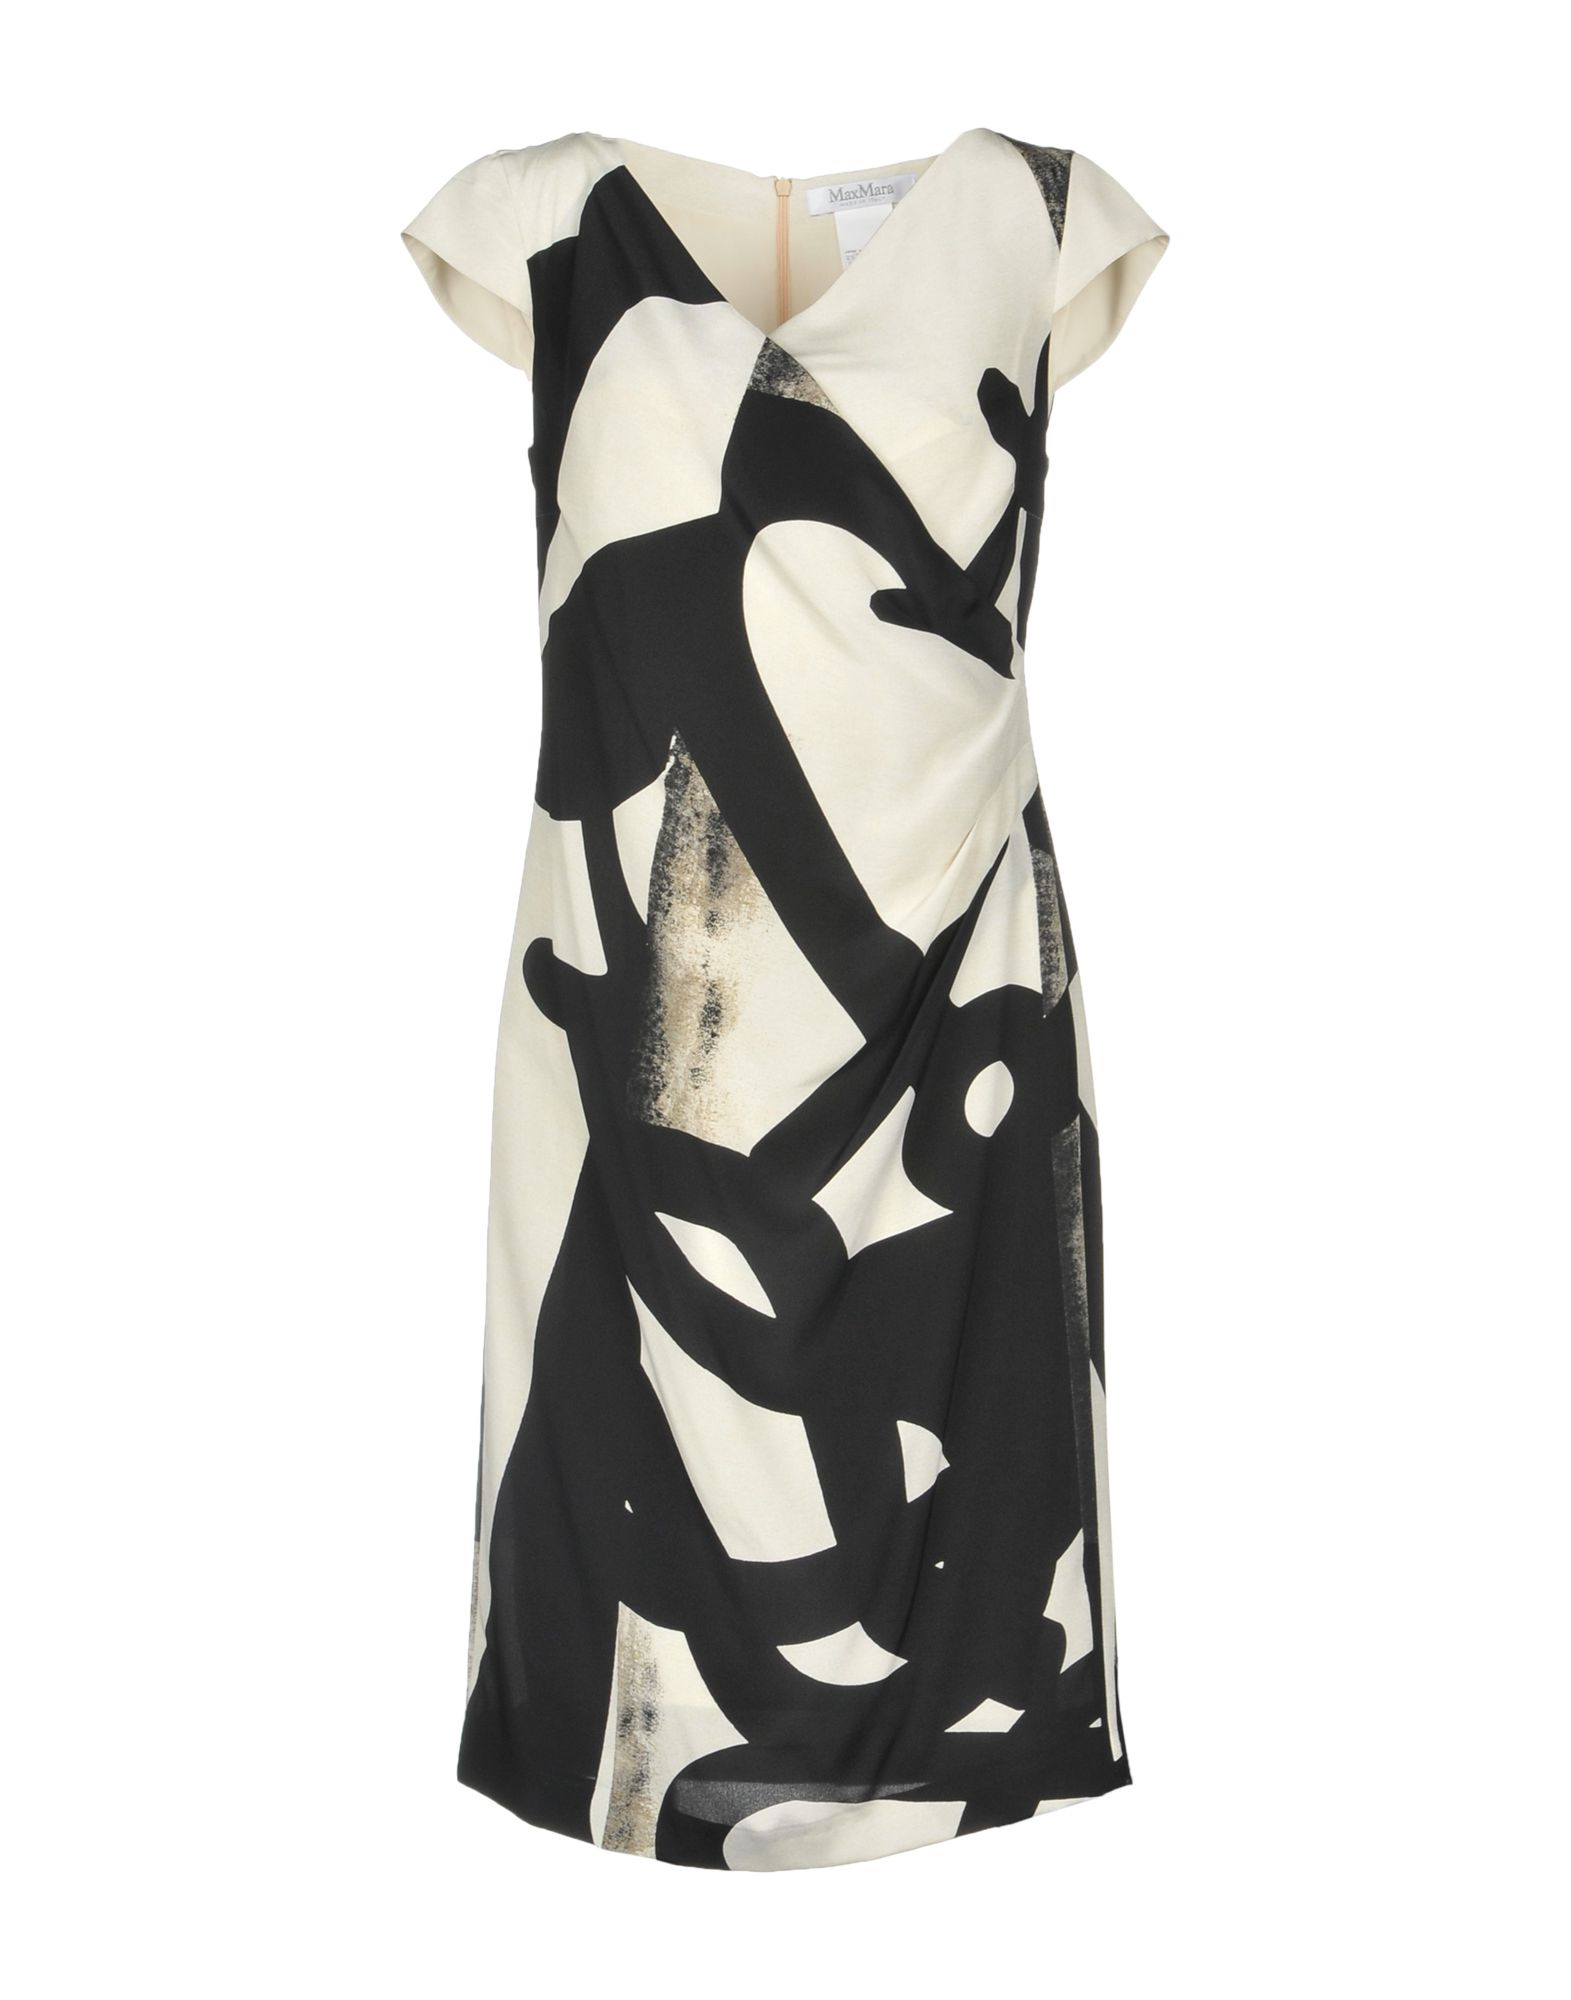 MAX MARA Платье до колена комплект платьев полуприлегающее платье прилегающее платье max mara платья и сарафаны приталенные